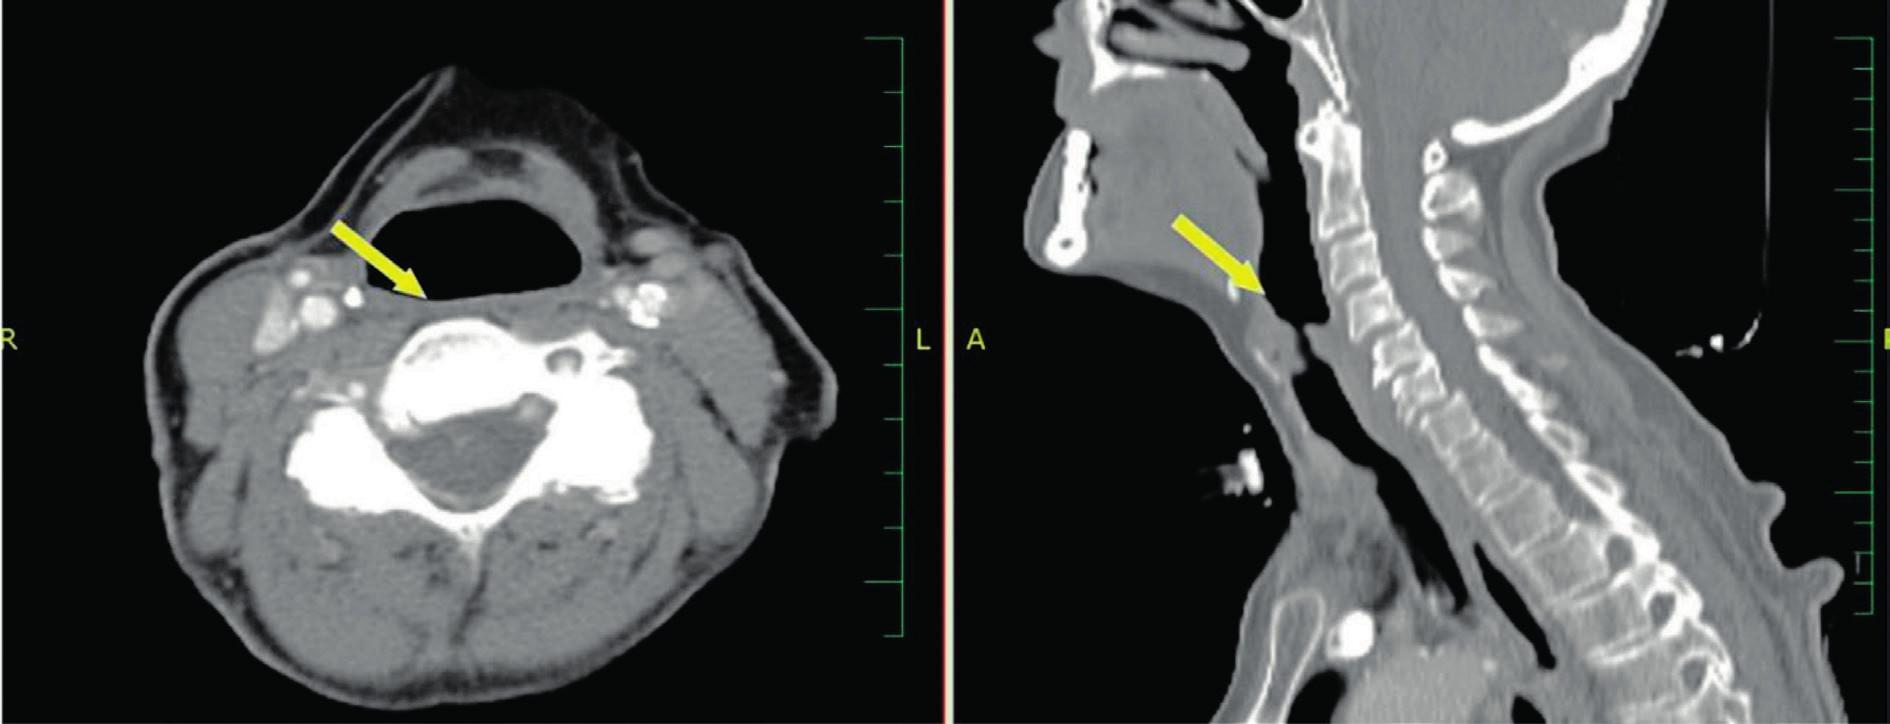 CT snímky s kontrastem - šipka ukazuje na oblast supraglotis 1 rok po TORS.